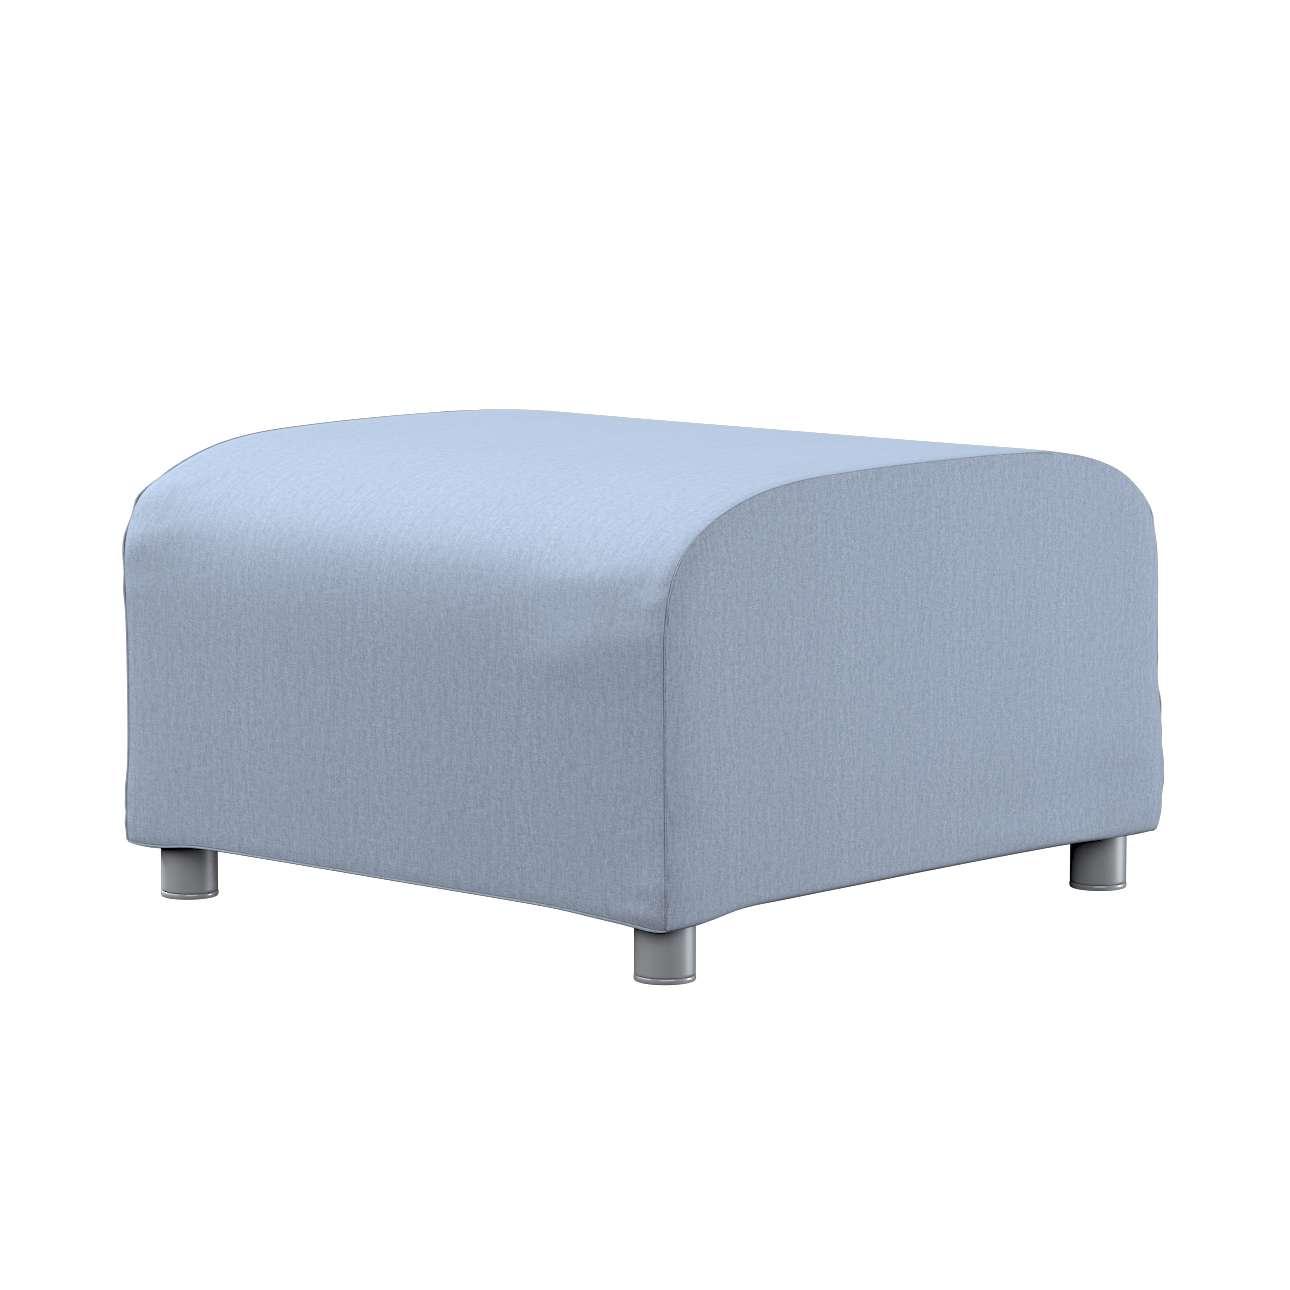 KLIPPAN pufo užvalkalas Klippan footstool cover kolekcijoje Chenille, audinys: 702-13